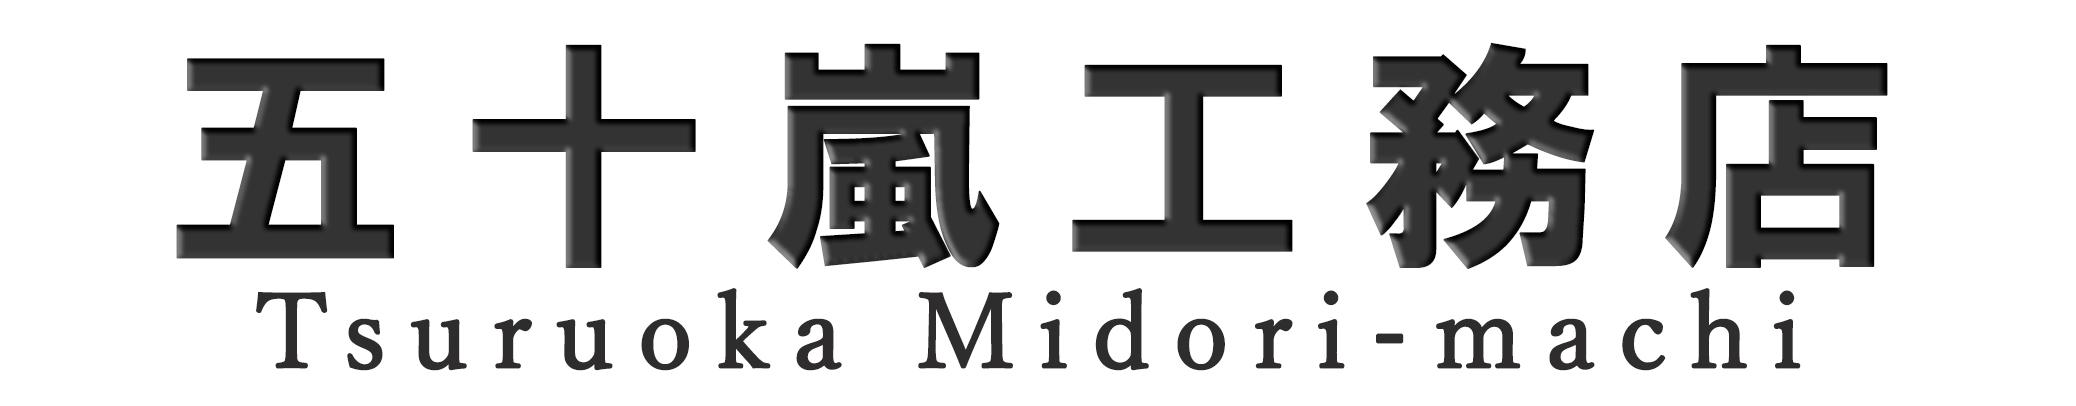 五十嵐工務店 Tsuruoka Midori-machi|鶴岡市の住宅メーカー|新築・リフォーム